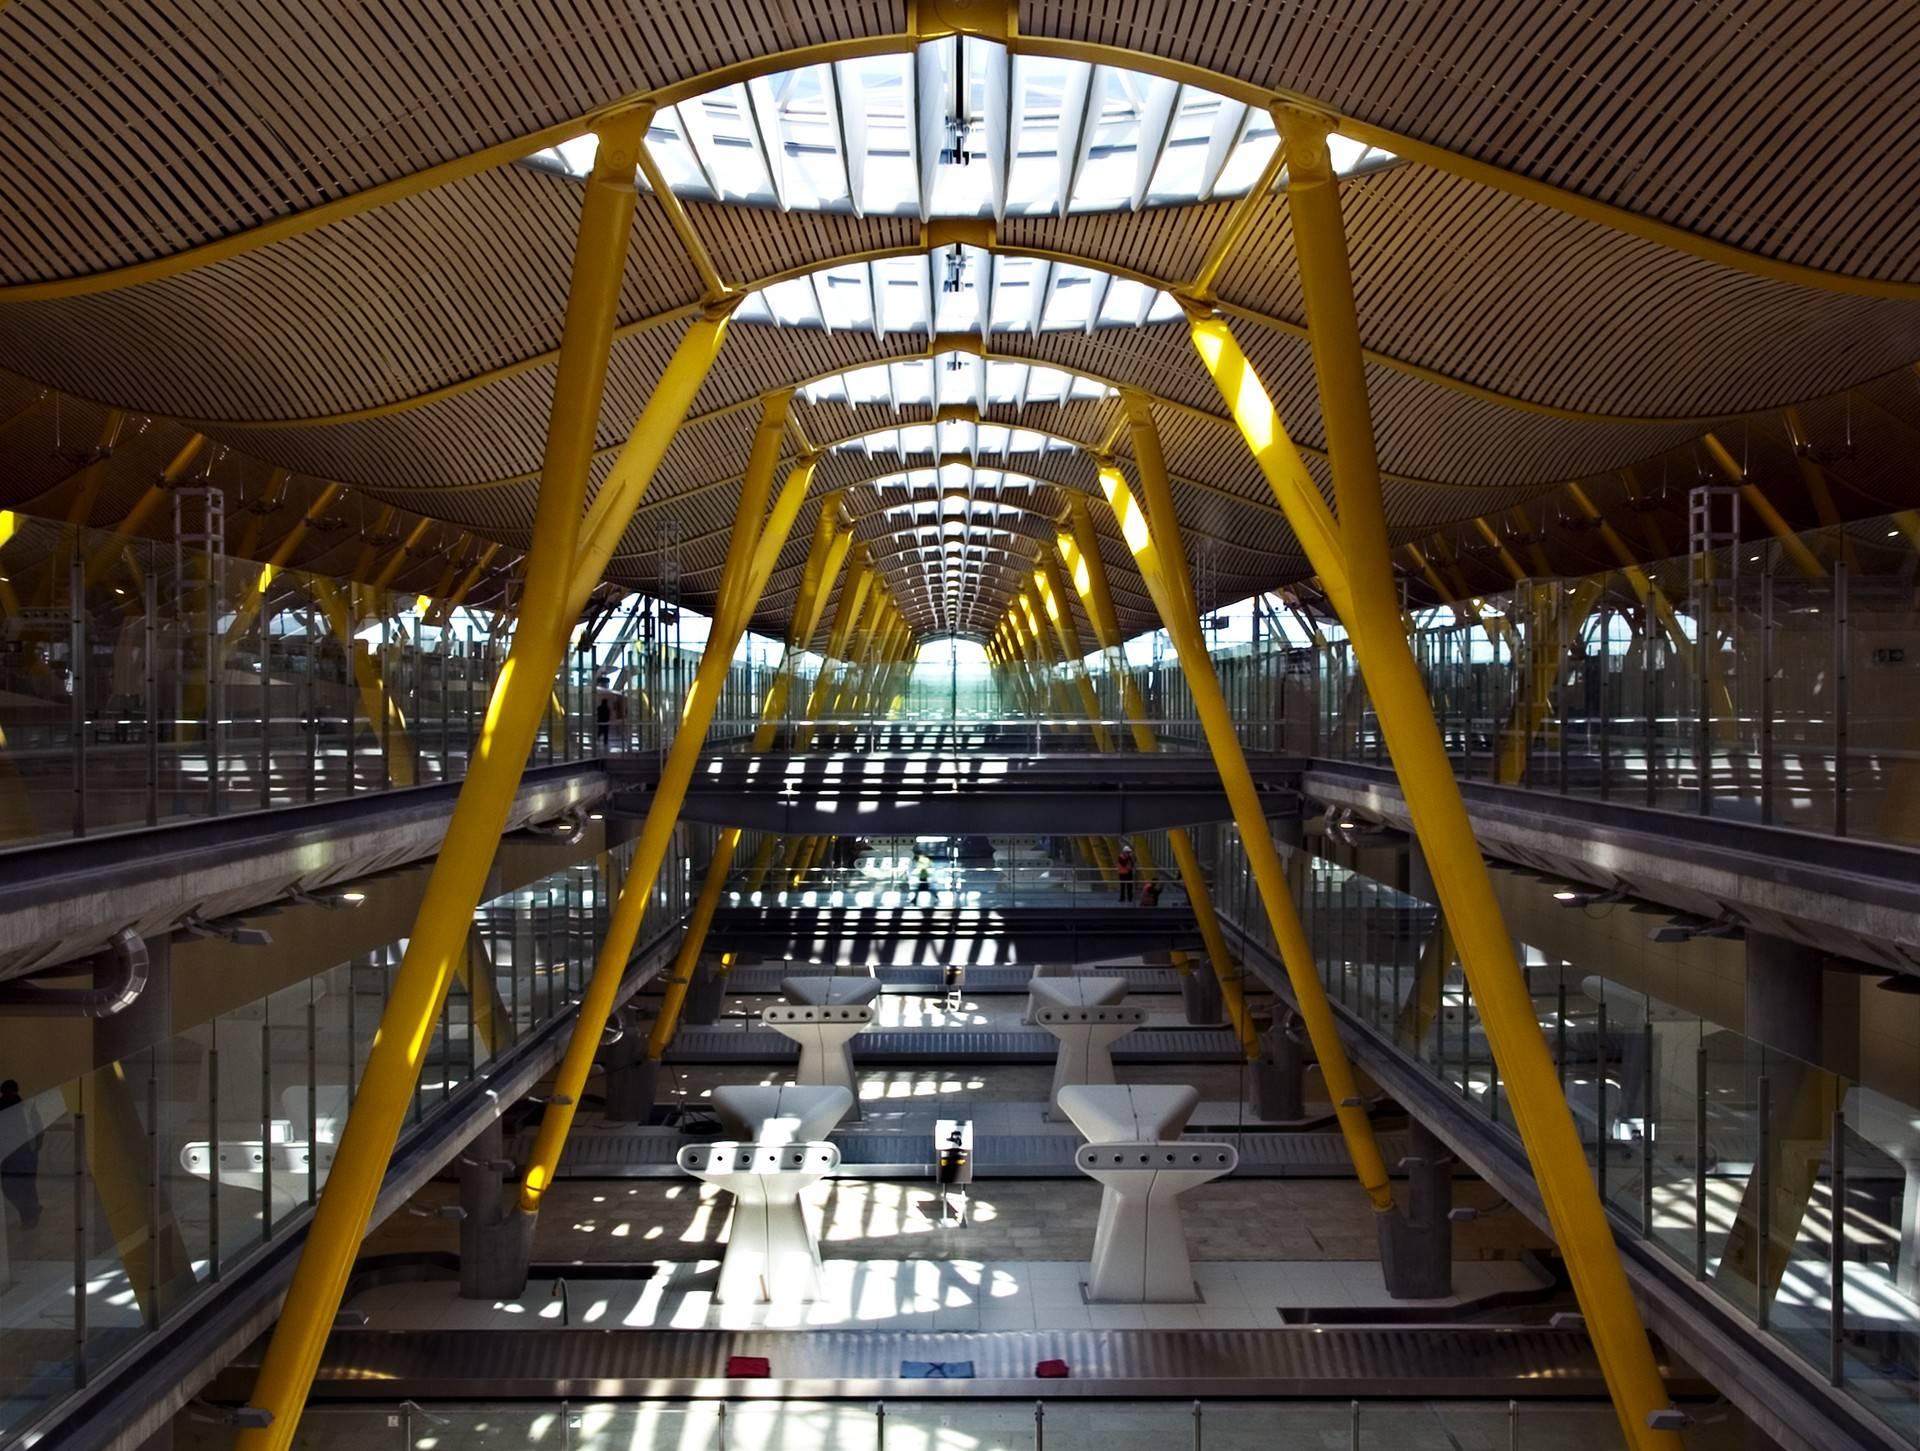 Барахас (аэропорт, мадрид): табло прилета, терминалы, схема и расстояние до мадрида. как добраться из аэропорта в центр мадрида?